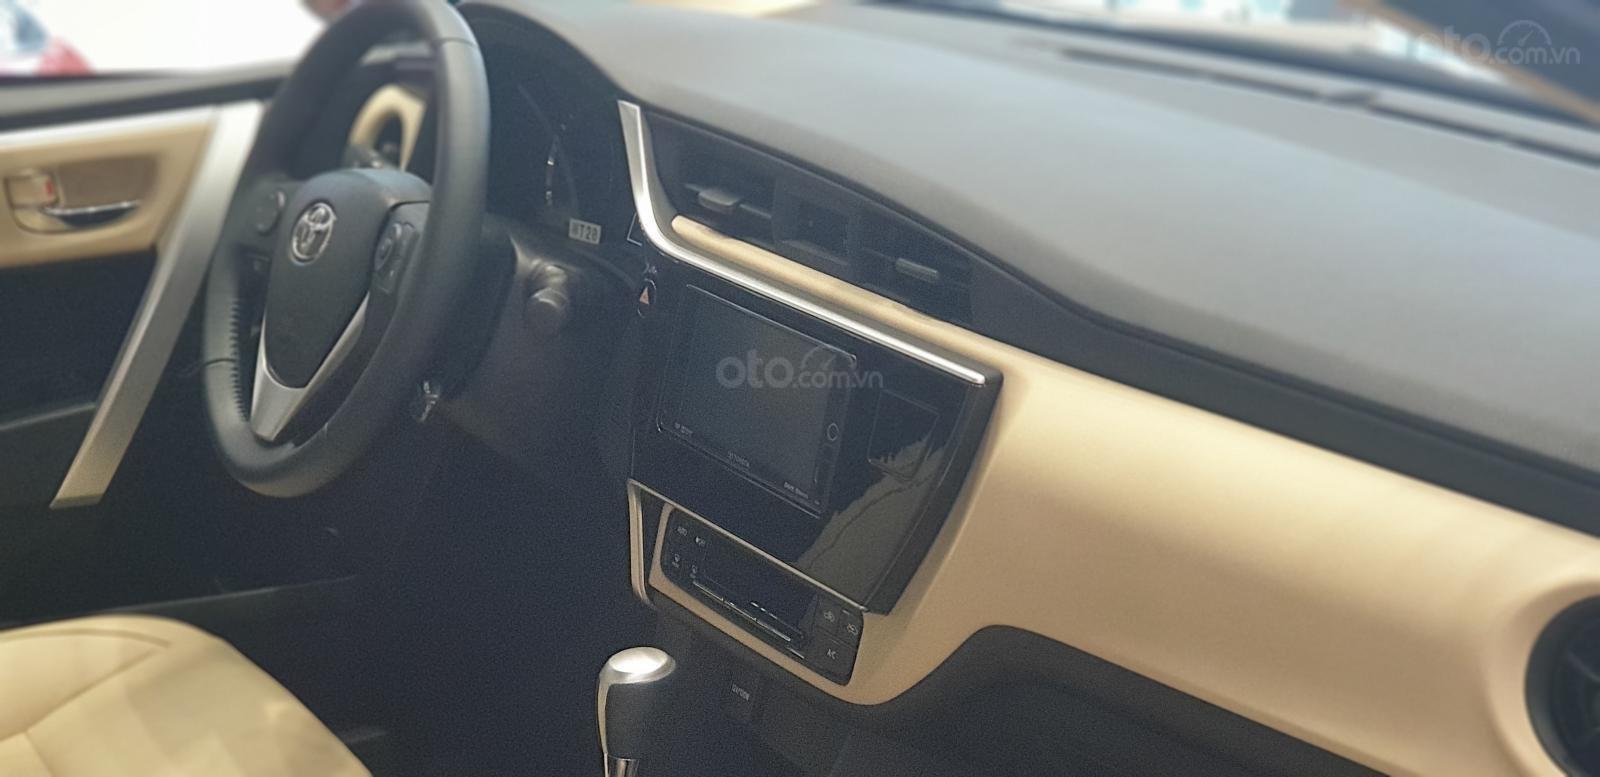 Bảng táp-lô của Toyota Corolla Altis 2019 đã được chỉnh sửa lại một số chi tiết a2